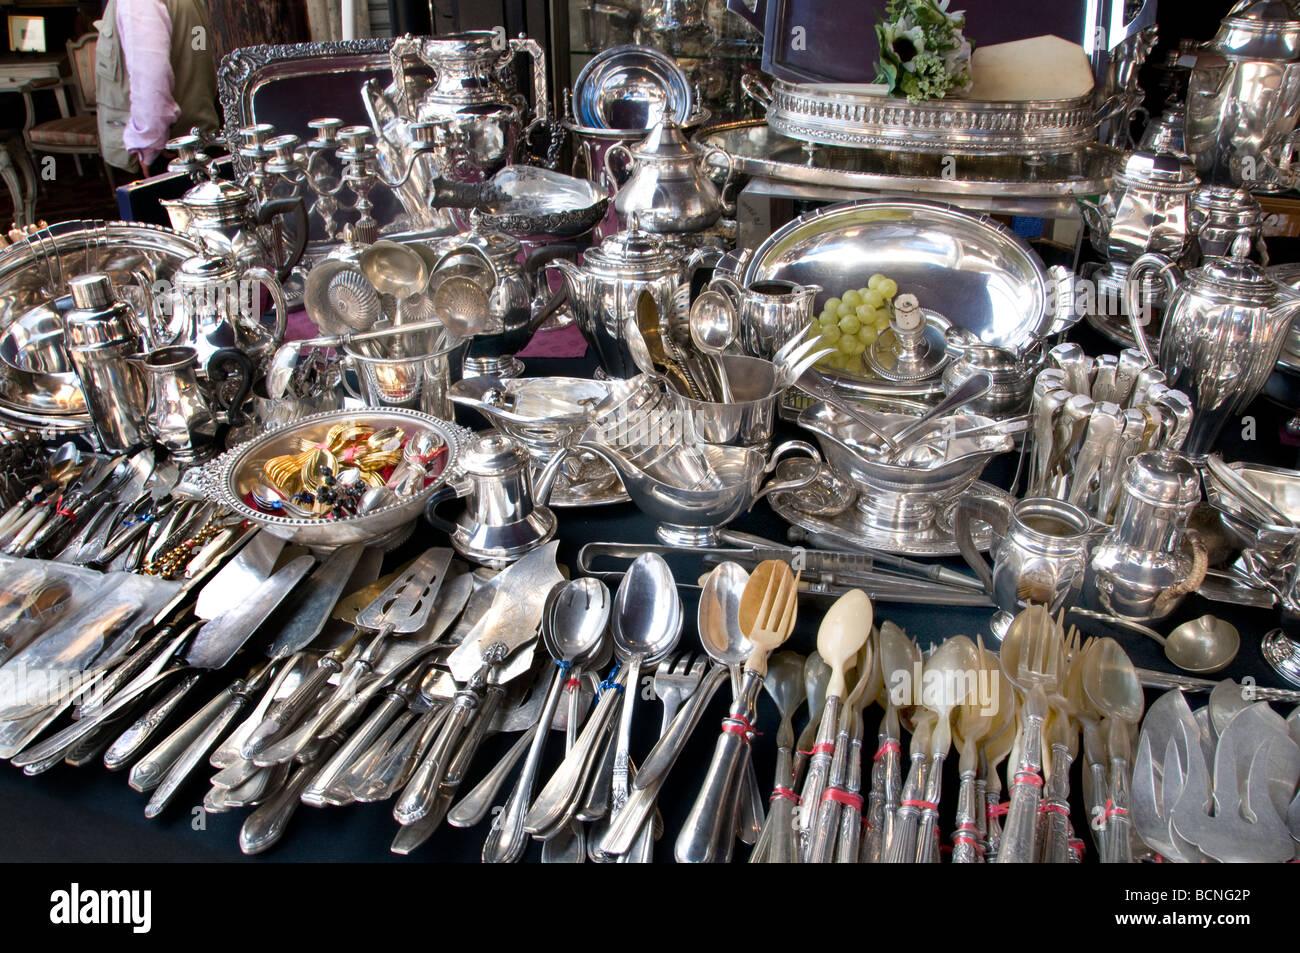 Marche aux puces de saint ouen flea market paris silver - Puces de st ouen ...